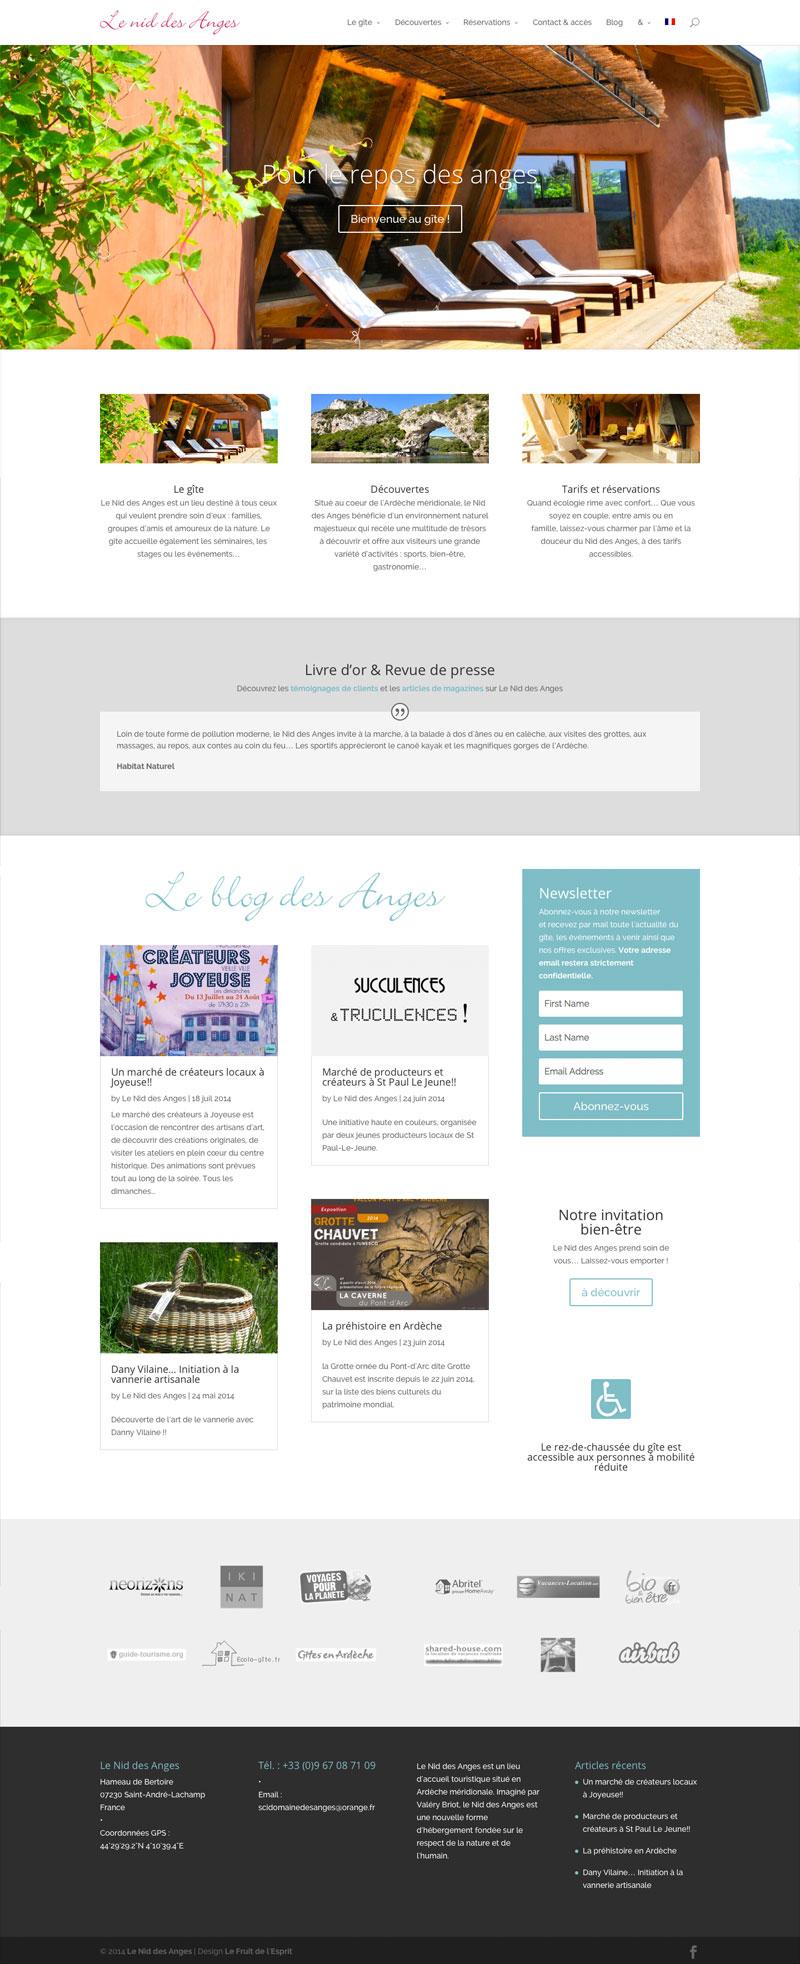 Le Nid des Anges - Site Internet - Accueil